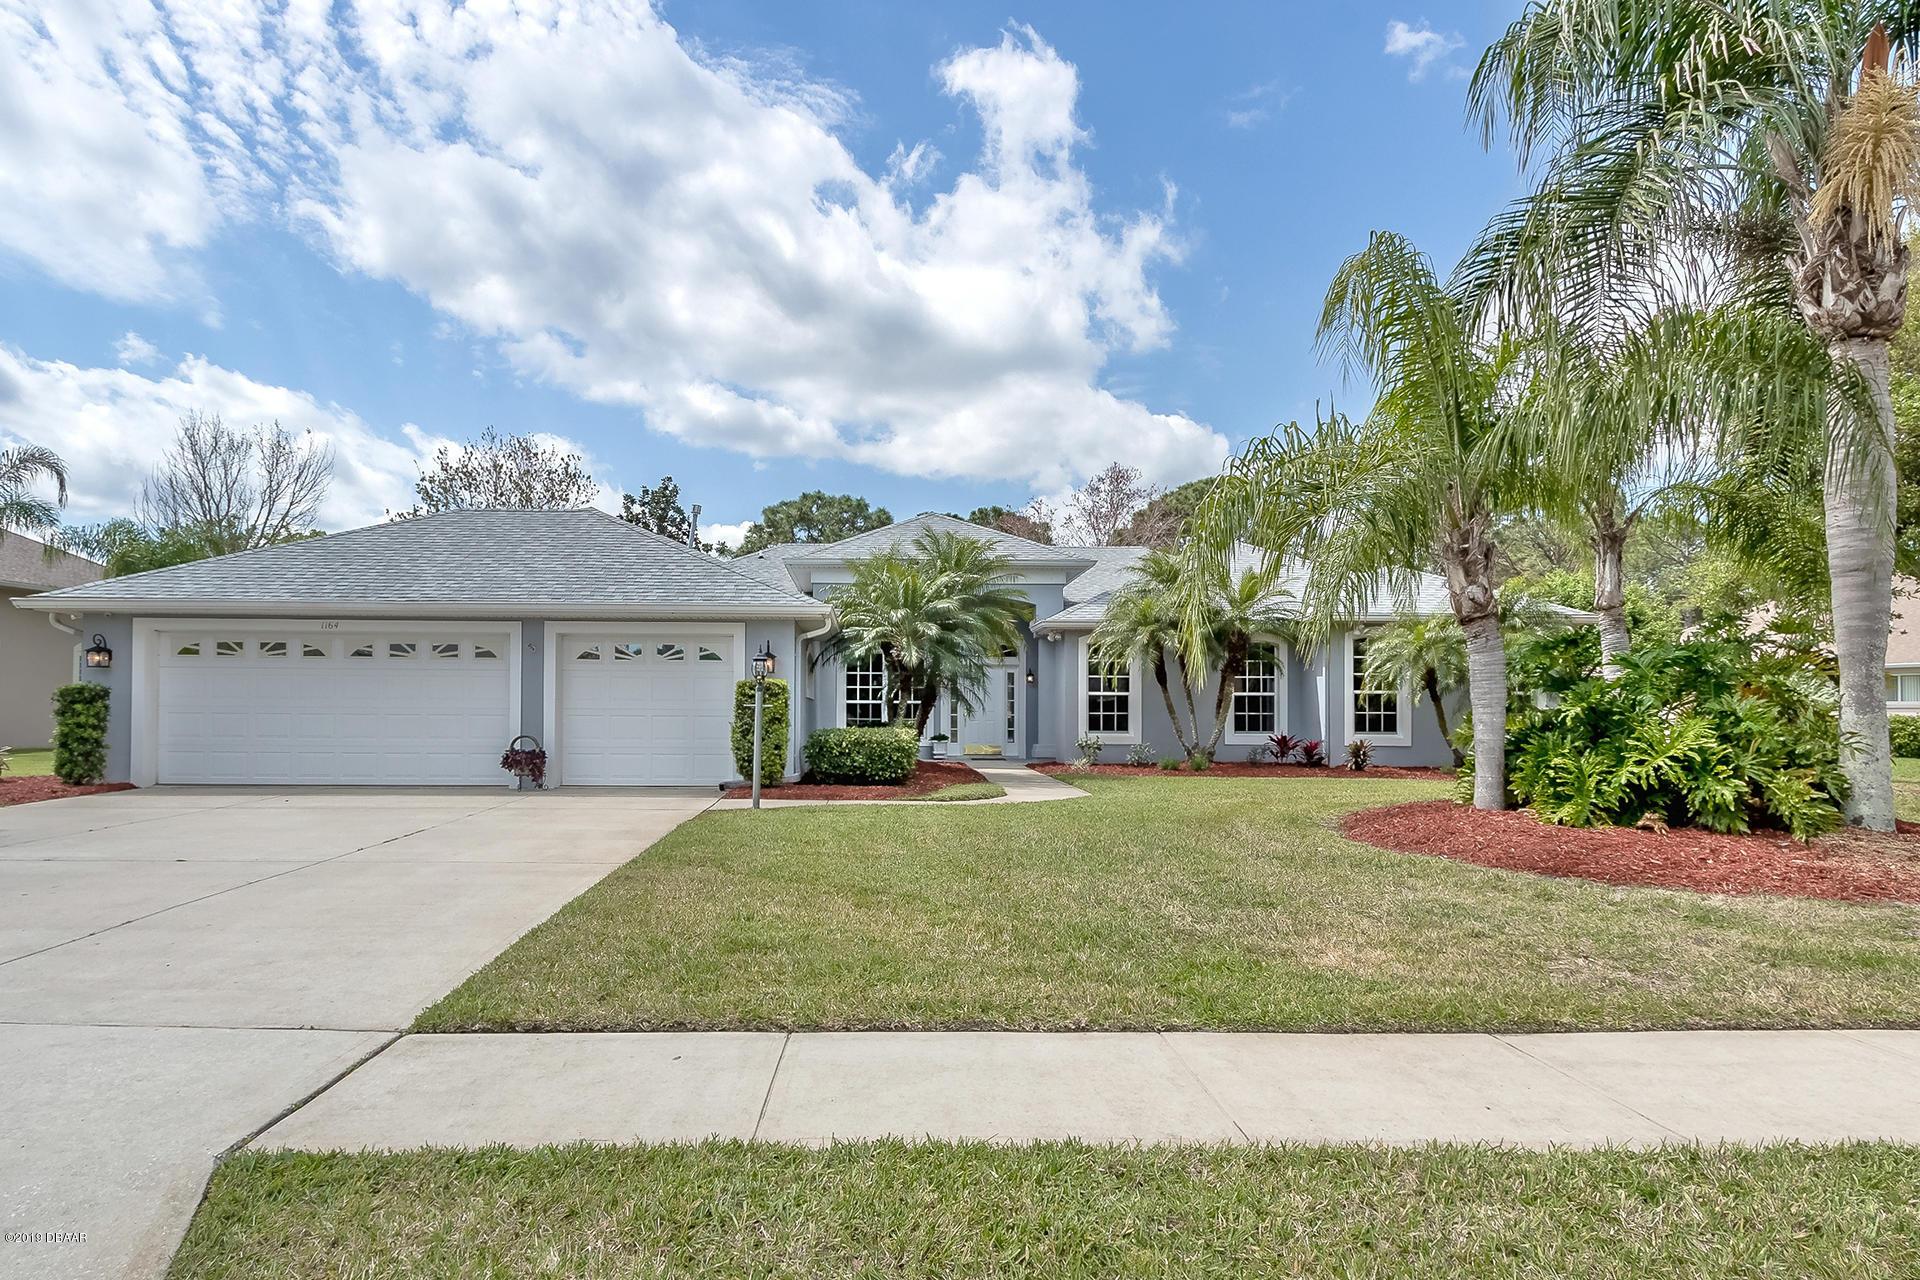 Photo of 1164 Key Largo Circle, Port Orange, FL 32128